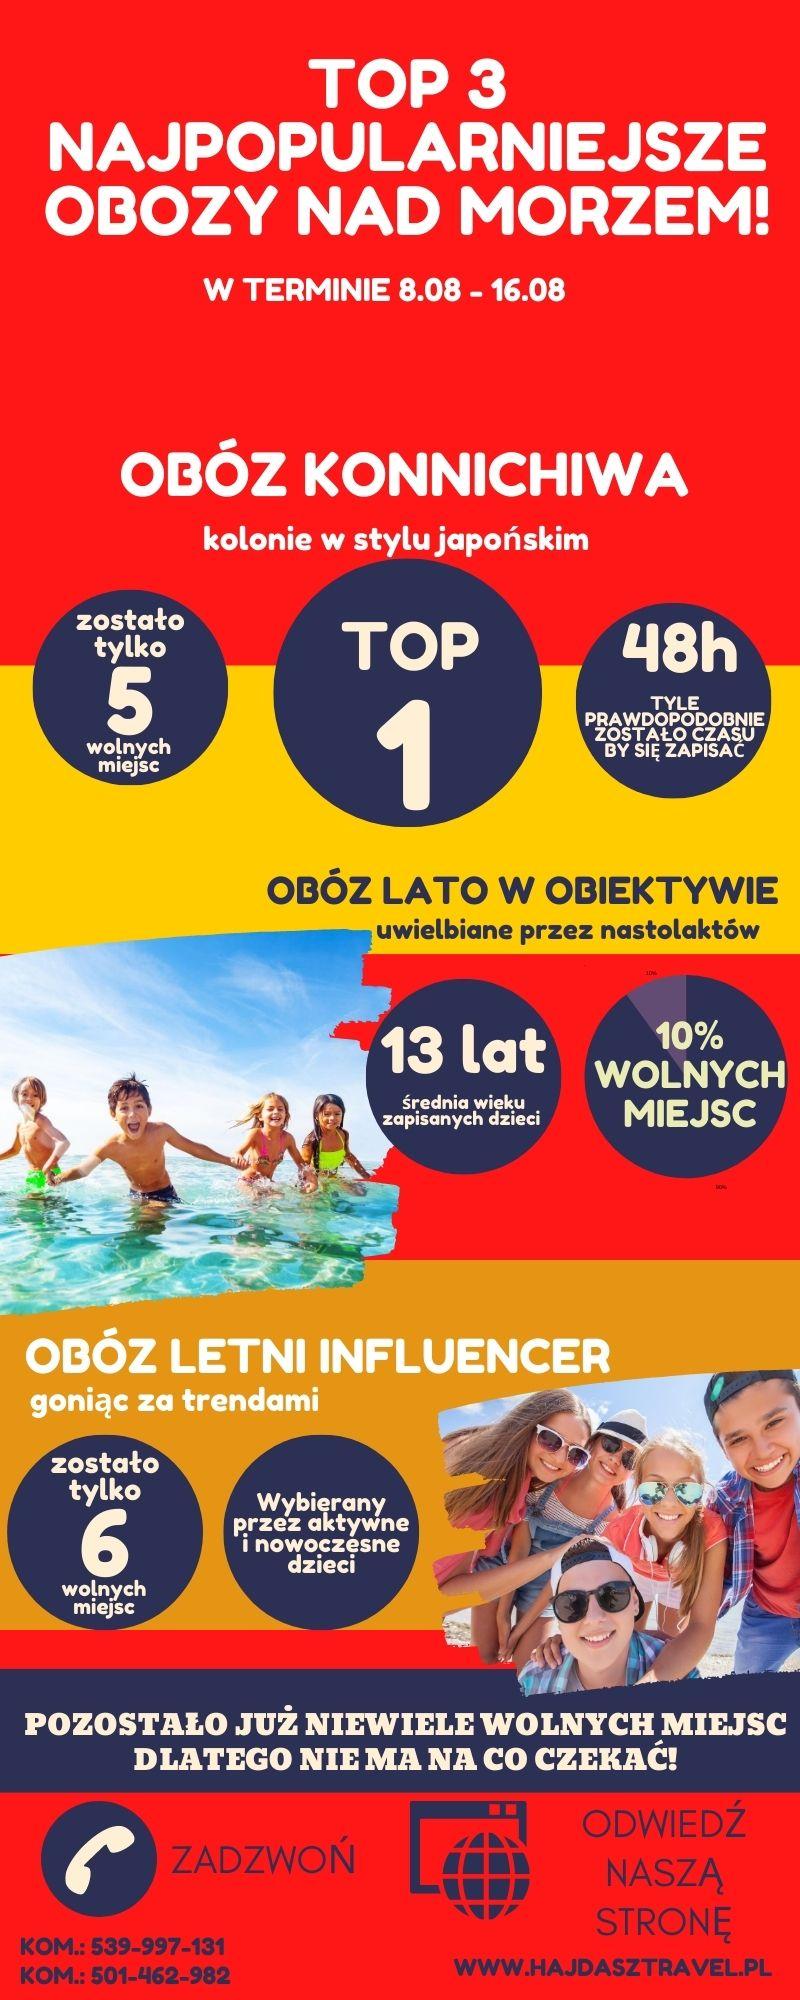 Najpopularniejsze obozy dla dzieci top 3